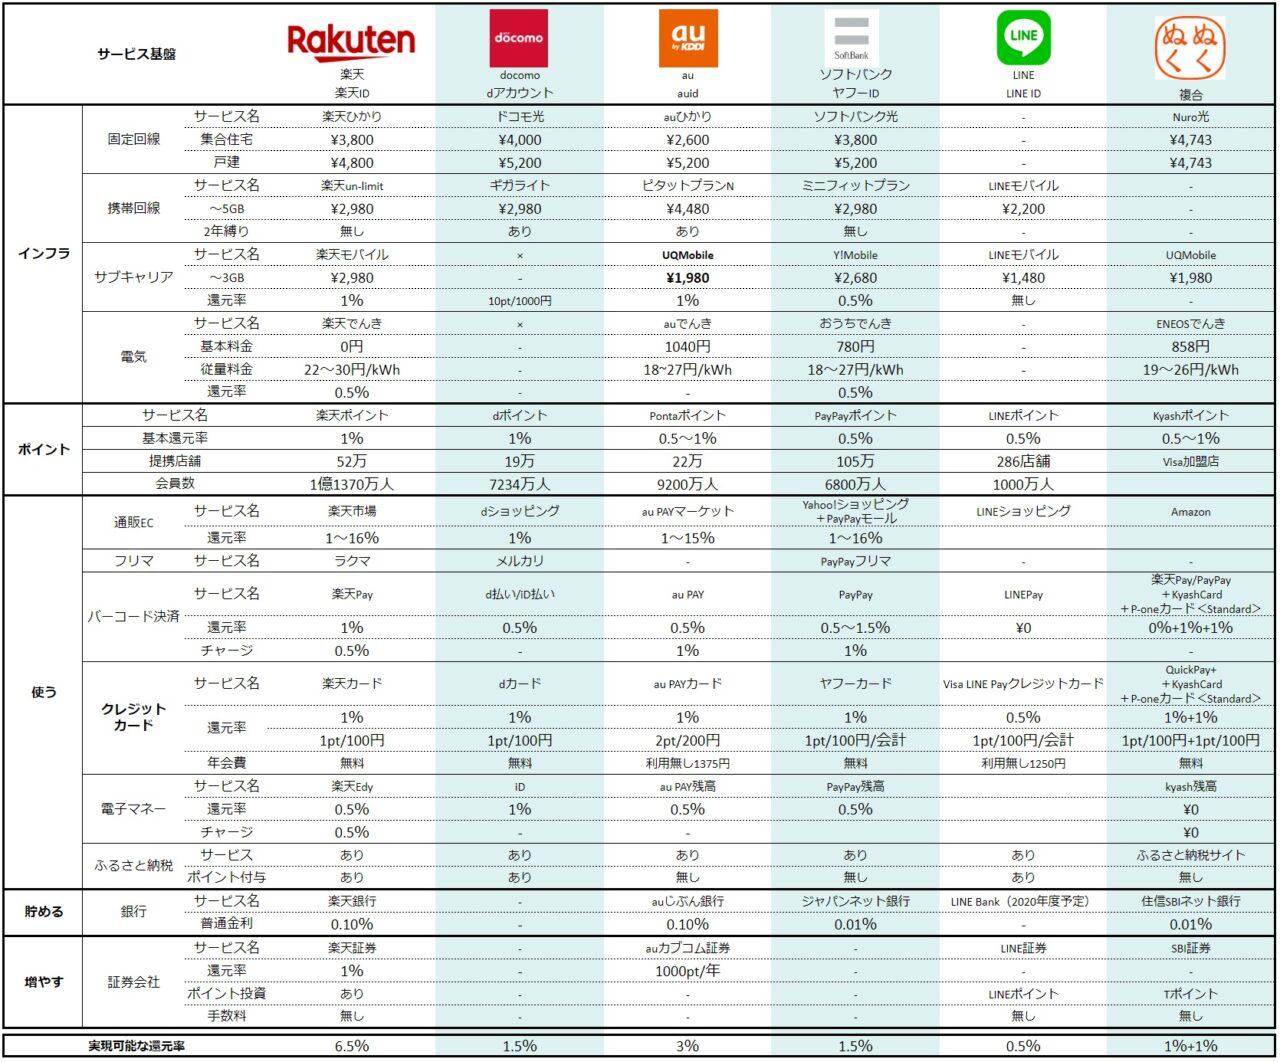 「楽天経済圏」と「ドコモ・au・ヤフー経済圏」の比較検討結果一覧